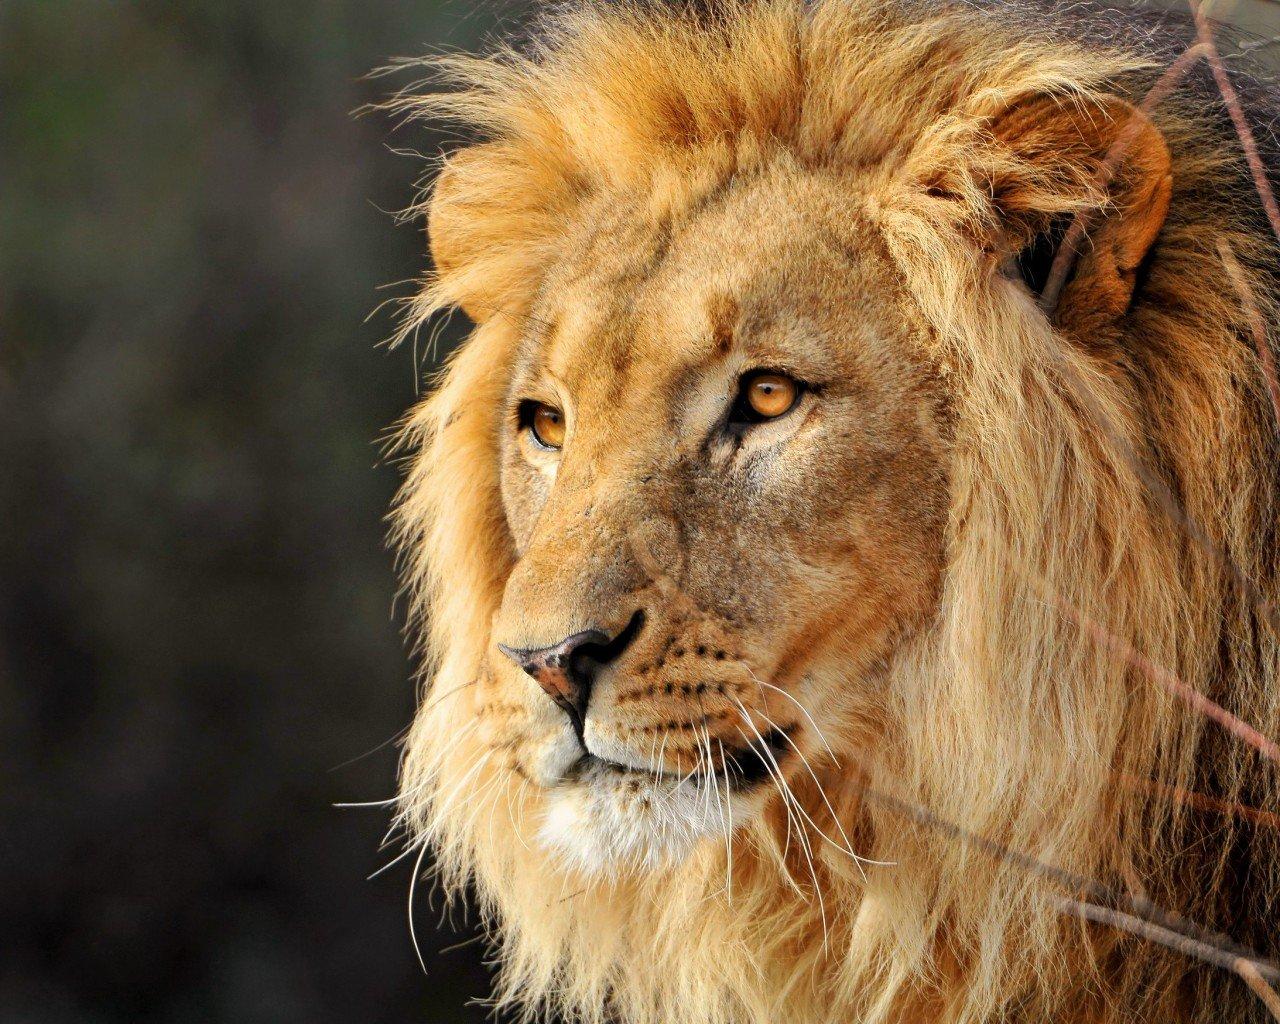 Львы крутые - Изображение 1